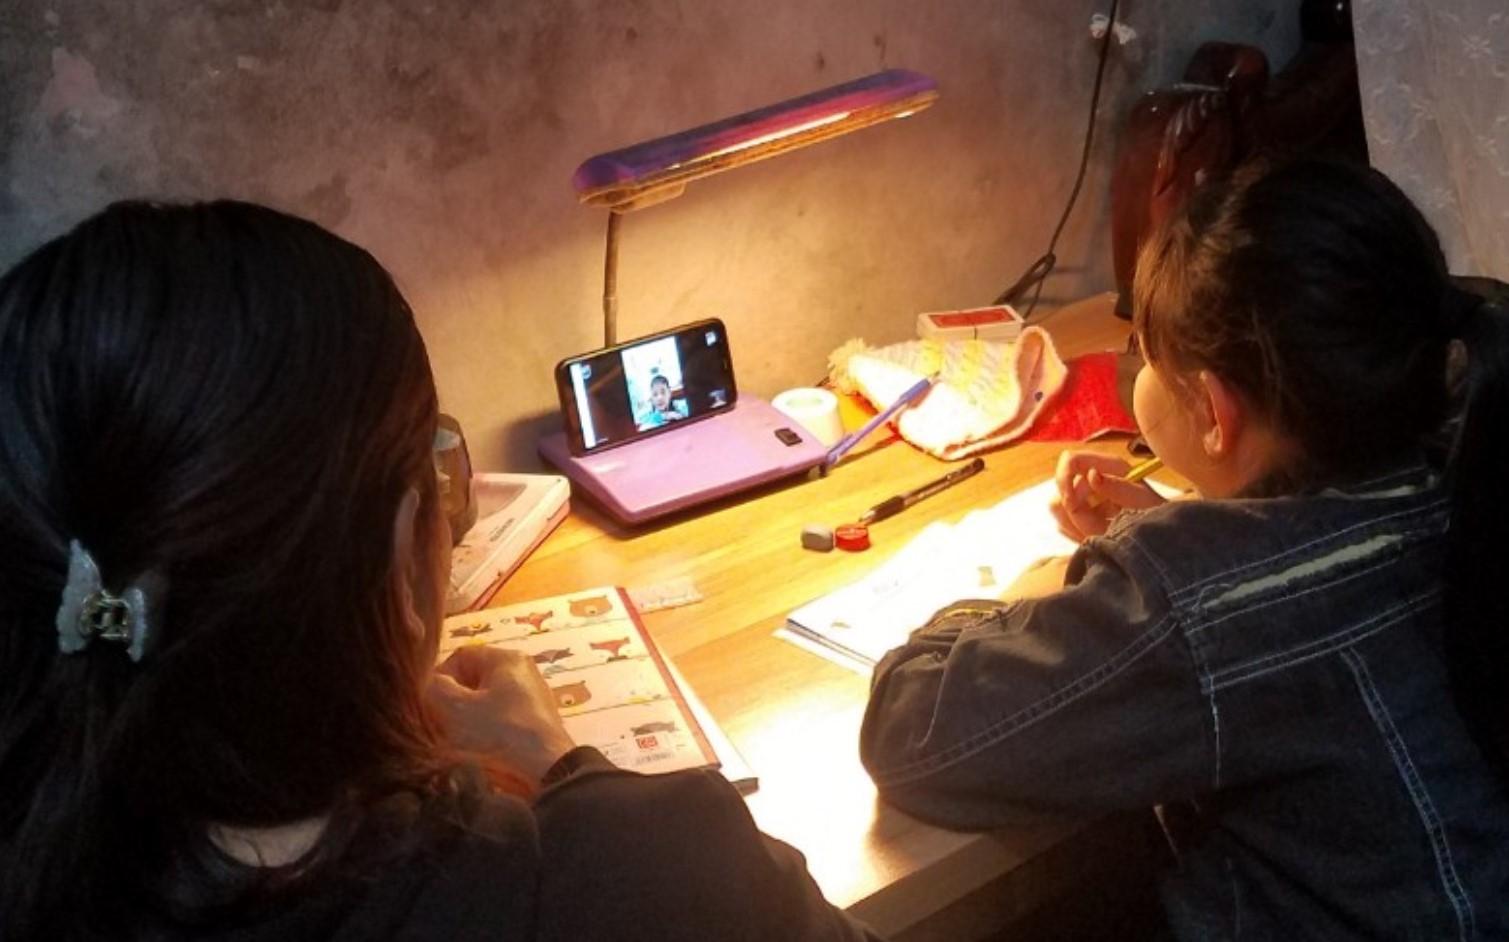 Học trực tuyến bằng điện thoại có nhiều thuận tiện nhưng cũng ảnh hưởng không ít đến trẻ. (Ảnh minh họa)